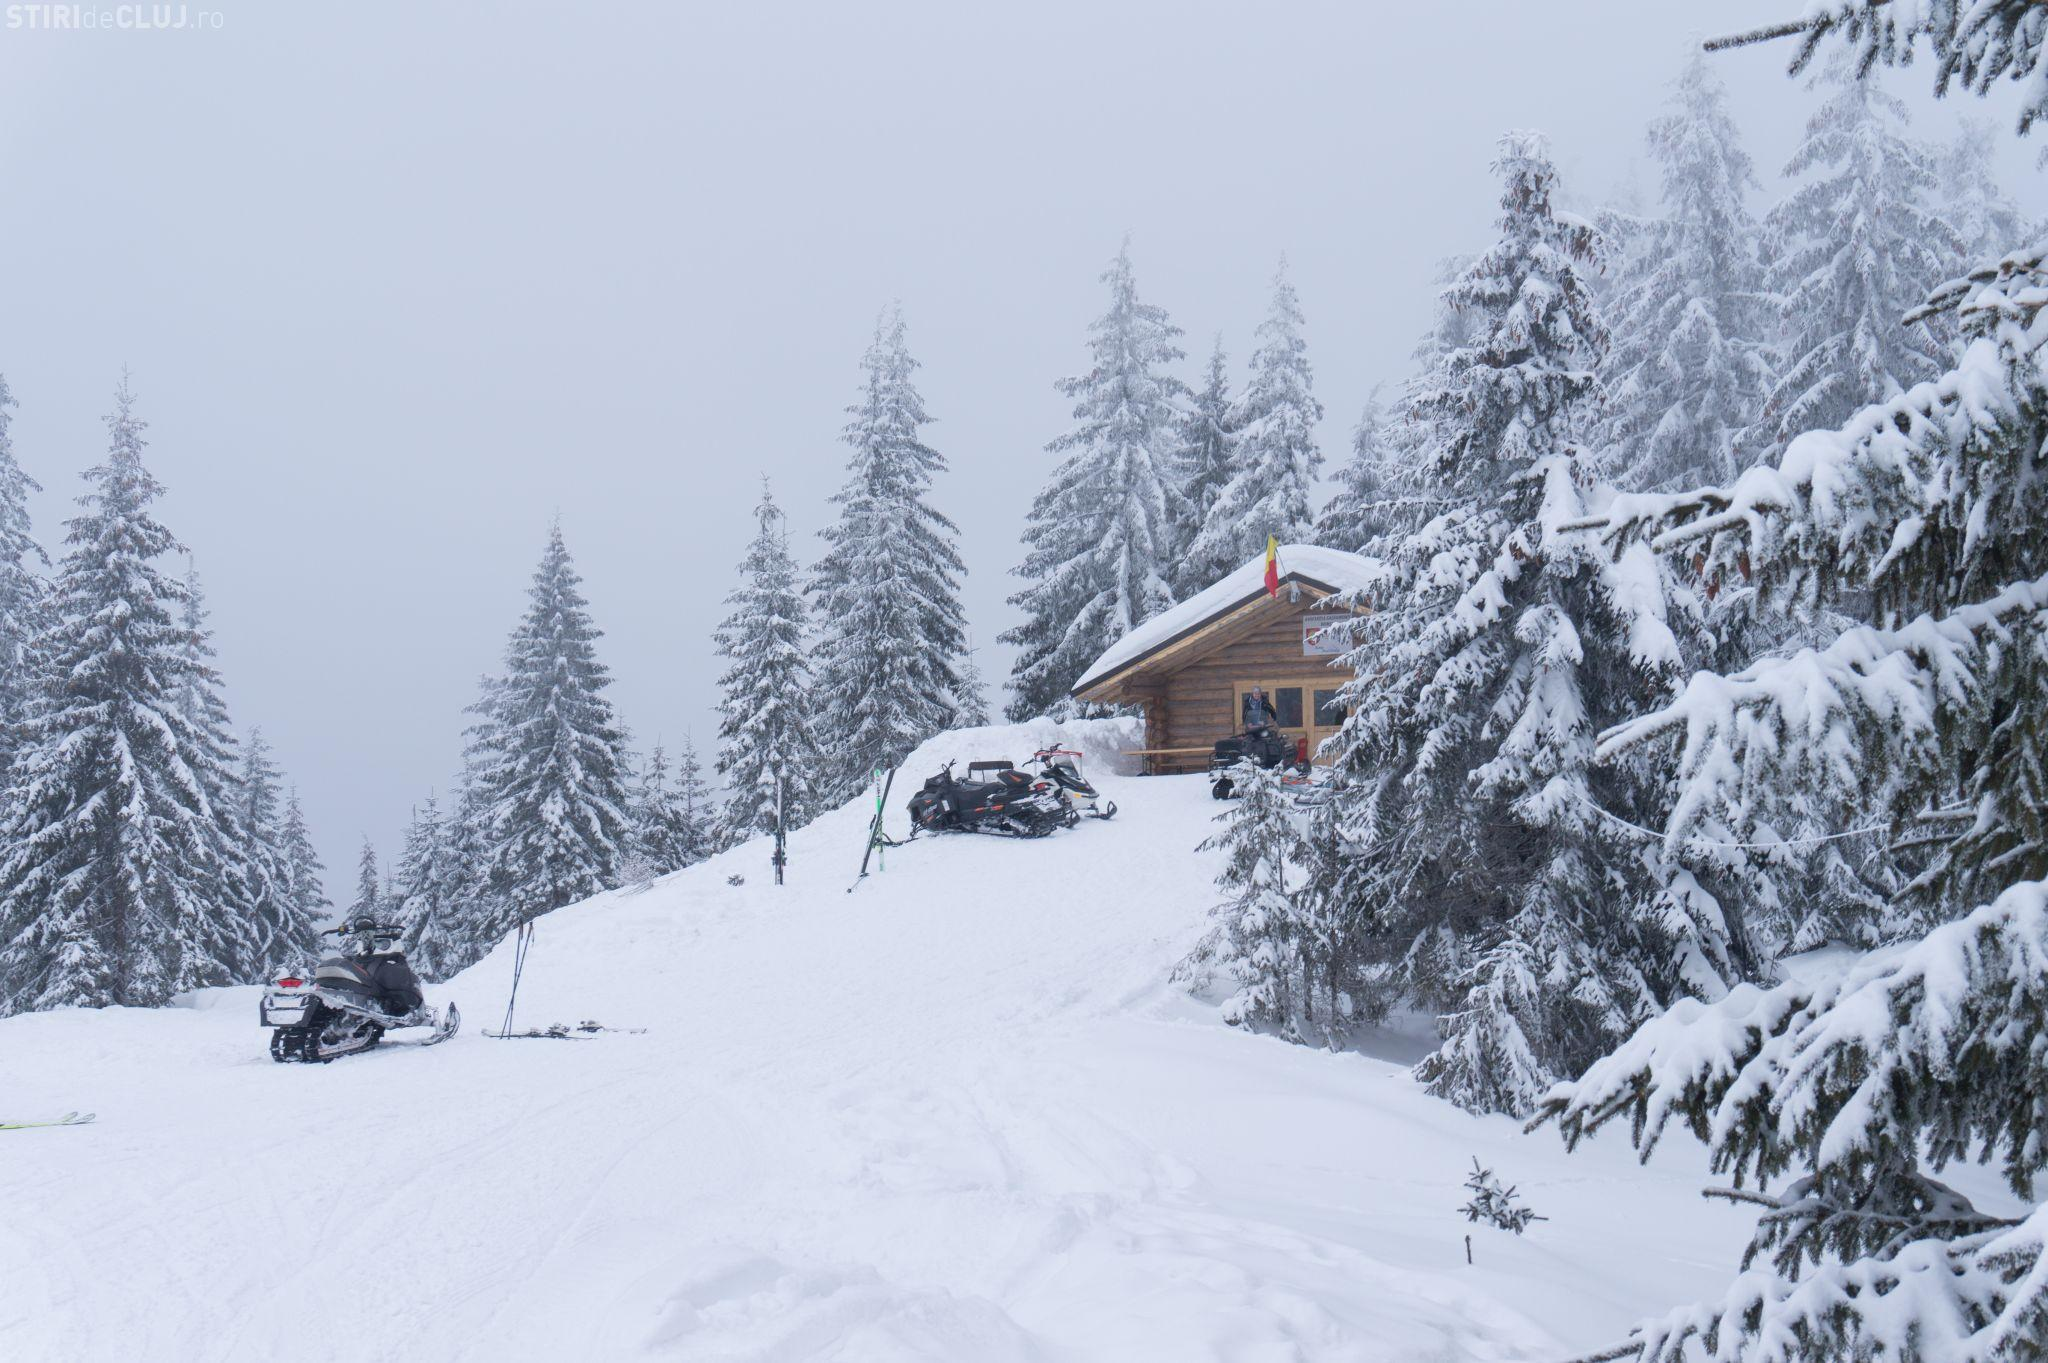 Snowmobilele distrug parcurile naționale din Carpați: E o autostradă de snowmobile - FOTO